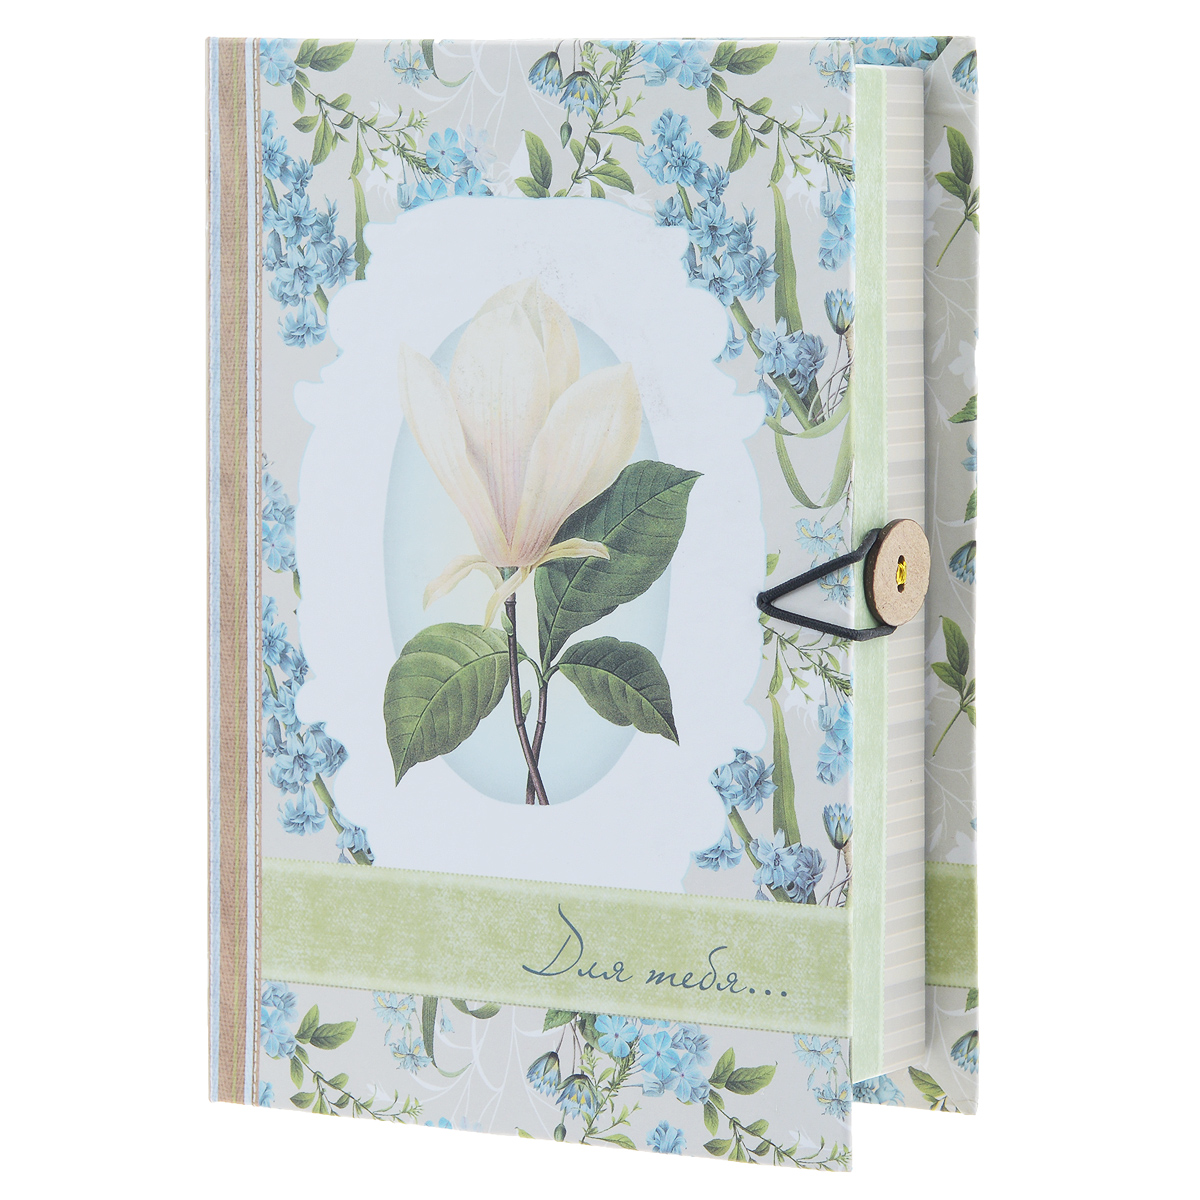 Подарочная коробка Летние цветы, 18 см х 12 см х 5 см39484Подарочная коробка Летние цветы выполнена из плотного картона. Изделие оформлено изображением цветов, сбоку имеется надпись Для тебя.... Коробка закрывается на пуговицу.Подарочная коробка - это наилучшее решение, если вы хотите порадовать ваших близких и создать праздничное настроение, ведь подарок, преподнесенный в оригинальной упаковке, всегда будет самым эффектным и запоминающимся. Окружите близких людей вниманием и заботой, вручив презент в нарядном, праздничном оформлении.Плотность картона: 1100 г/м2.